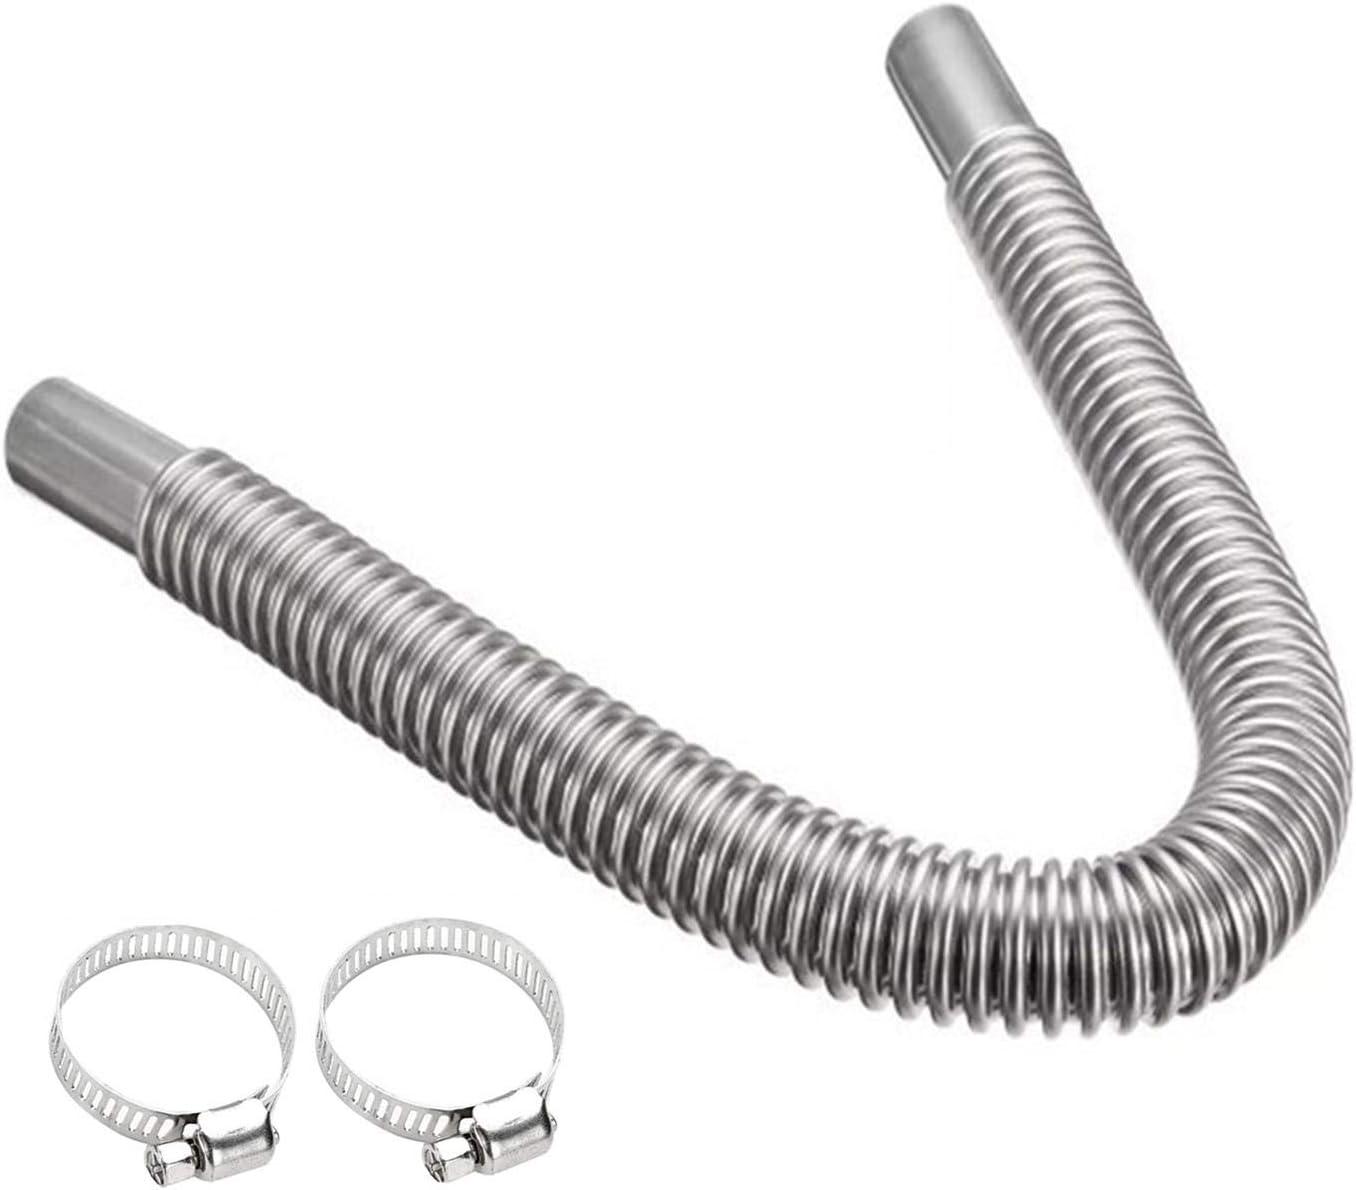 tubos de escape calefacci/ón de aparcamiento iBaste Calefacci/ón de estacionamiento de acero inoxidable tubo de escape de acero inoxidable 100//150//200//250//300 cm